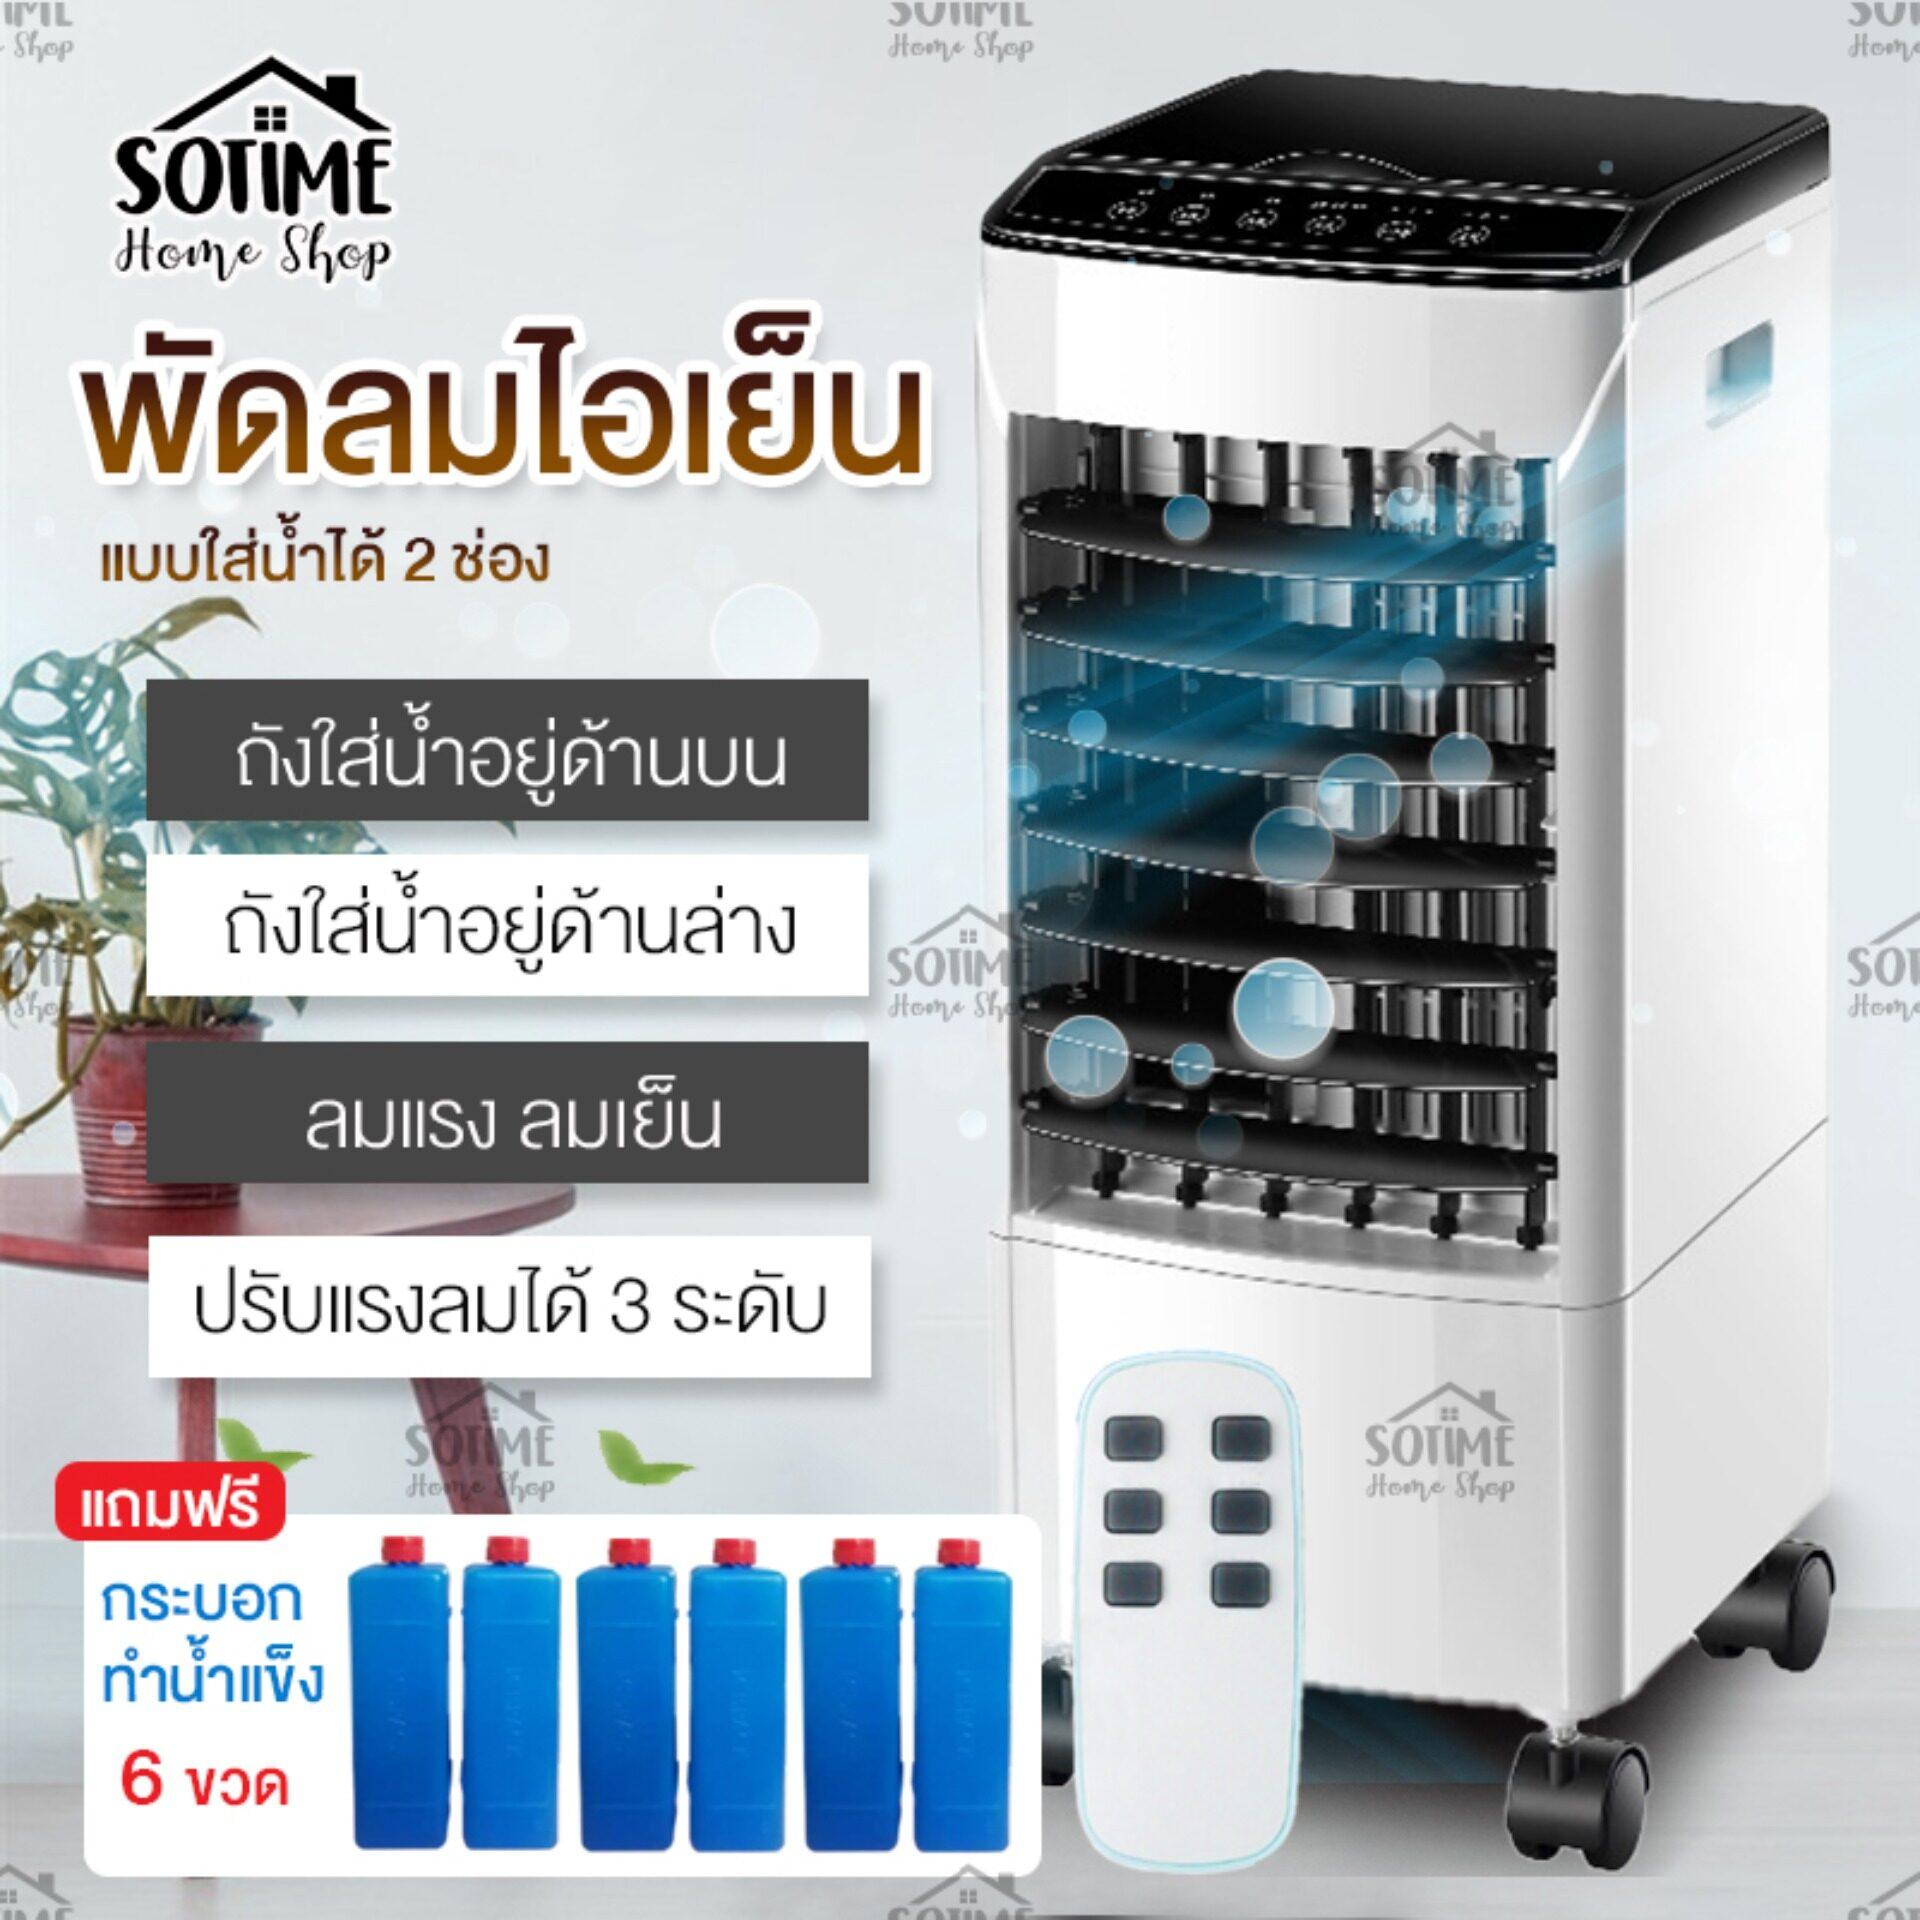 Home Shop พัดลมไอเย็น เครื่องปรับอากาศเคลื่อนที่ เครื่องทำความเย็นเคลื่อนที่ Air Cooler ความจุถังน้ำ 10l ใช้งานนานสูงสุด 7 ชั่วโมง ใช้งานง่ายสะดวกสบาย.